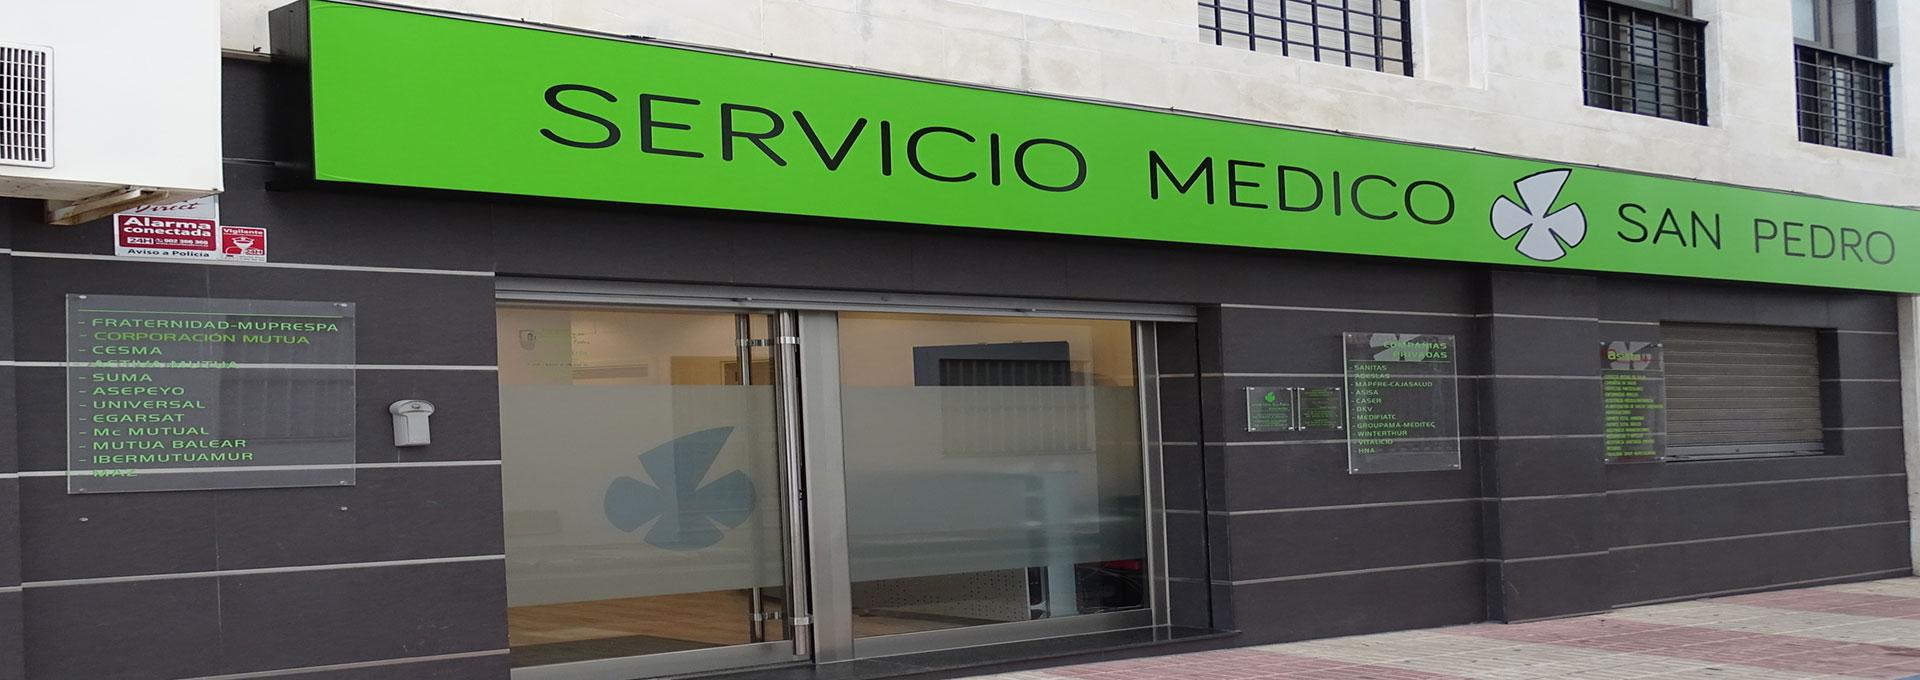 Servicio Medico San Pedro